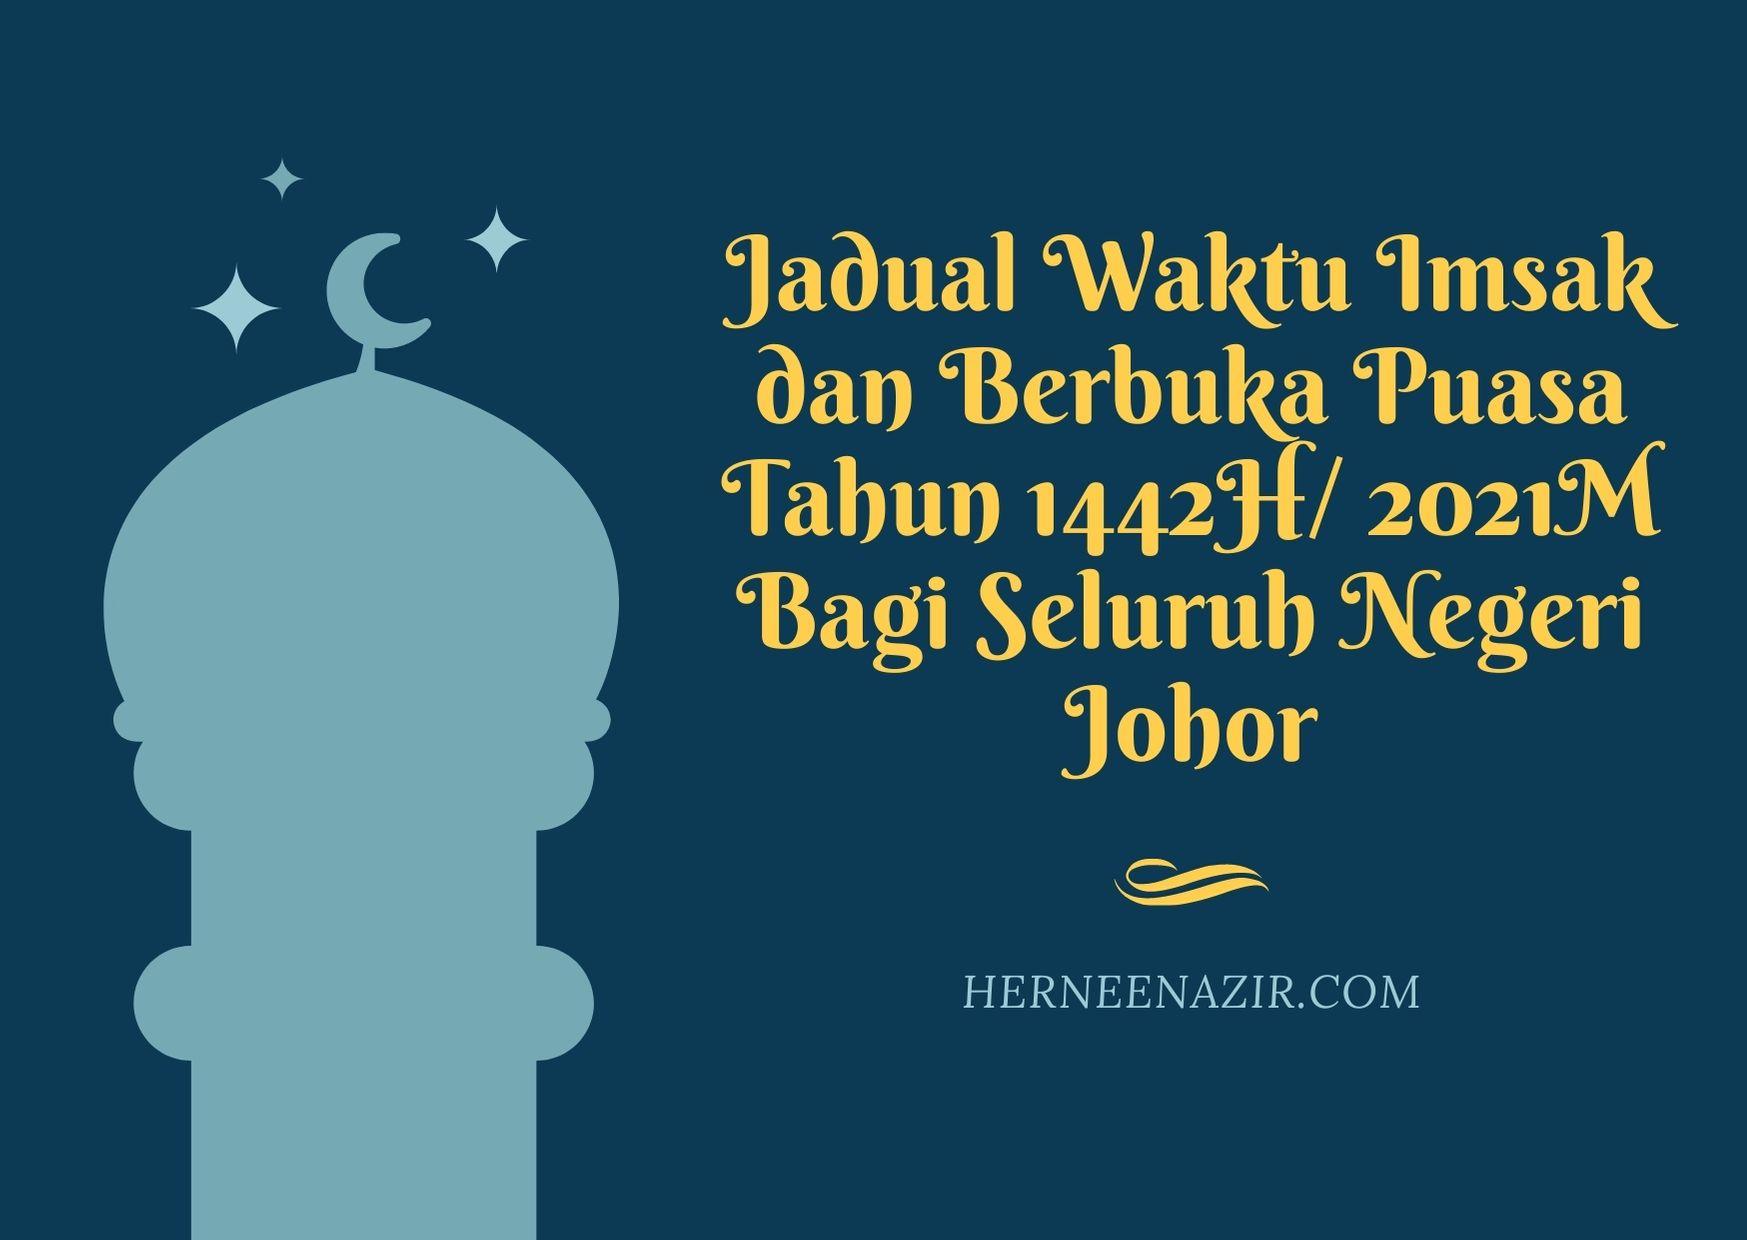 Jadual Waktu Imsak dan Berbuka Puasa Tahun 1442H/ 2021M Bagi Seluruh Negeri Johor